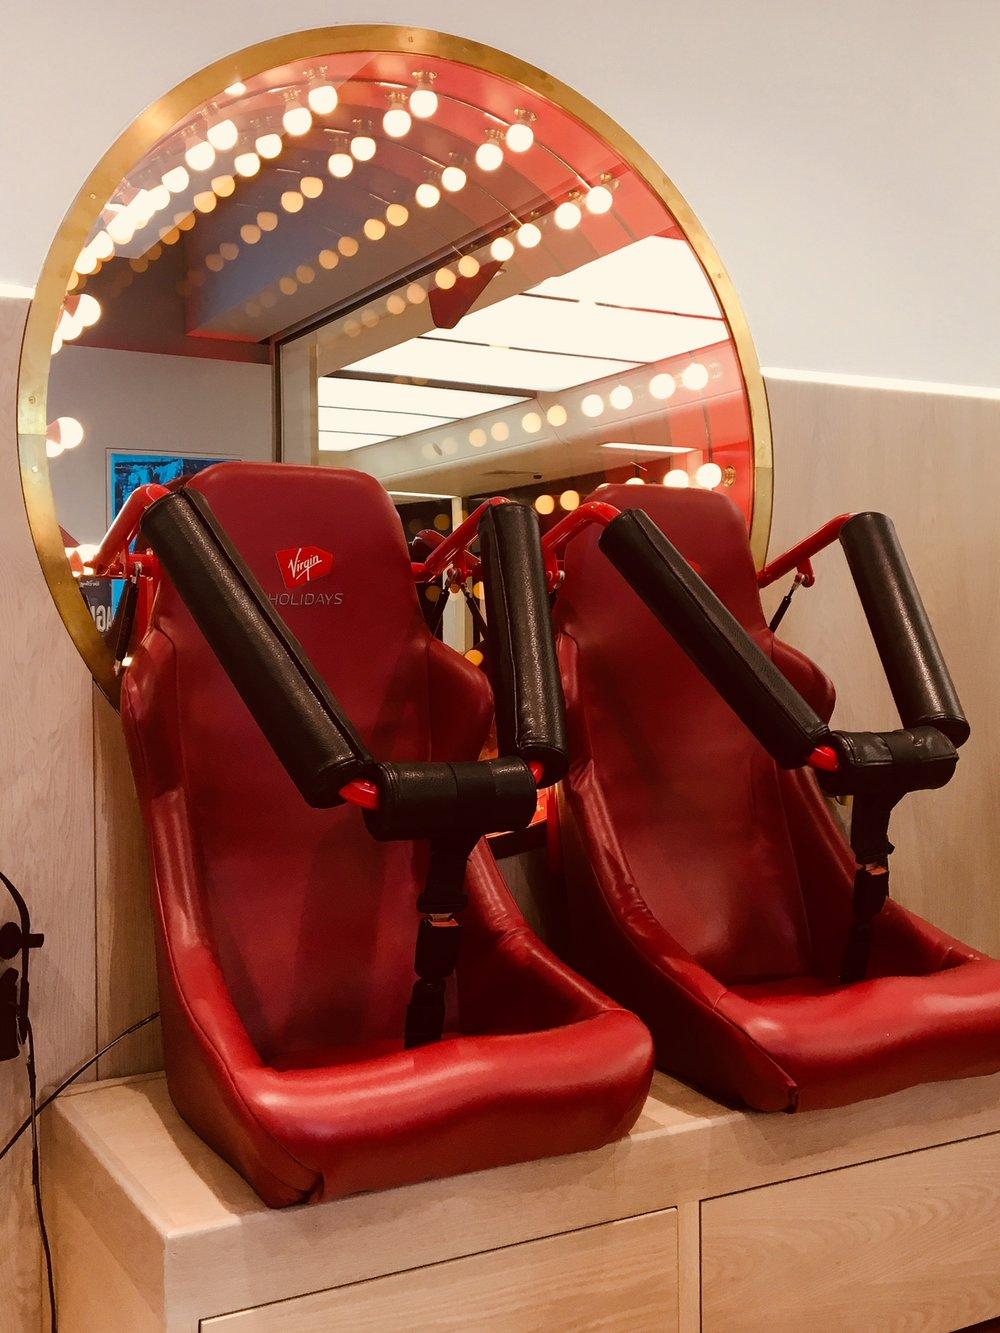 Virgin Holidays VR Rollercoaster